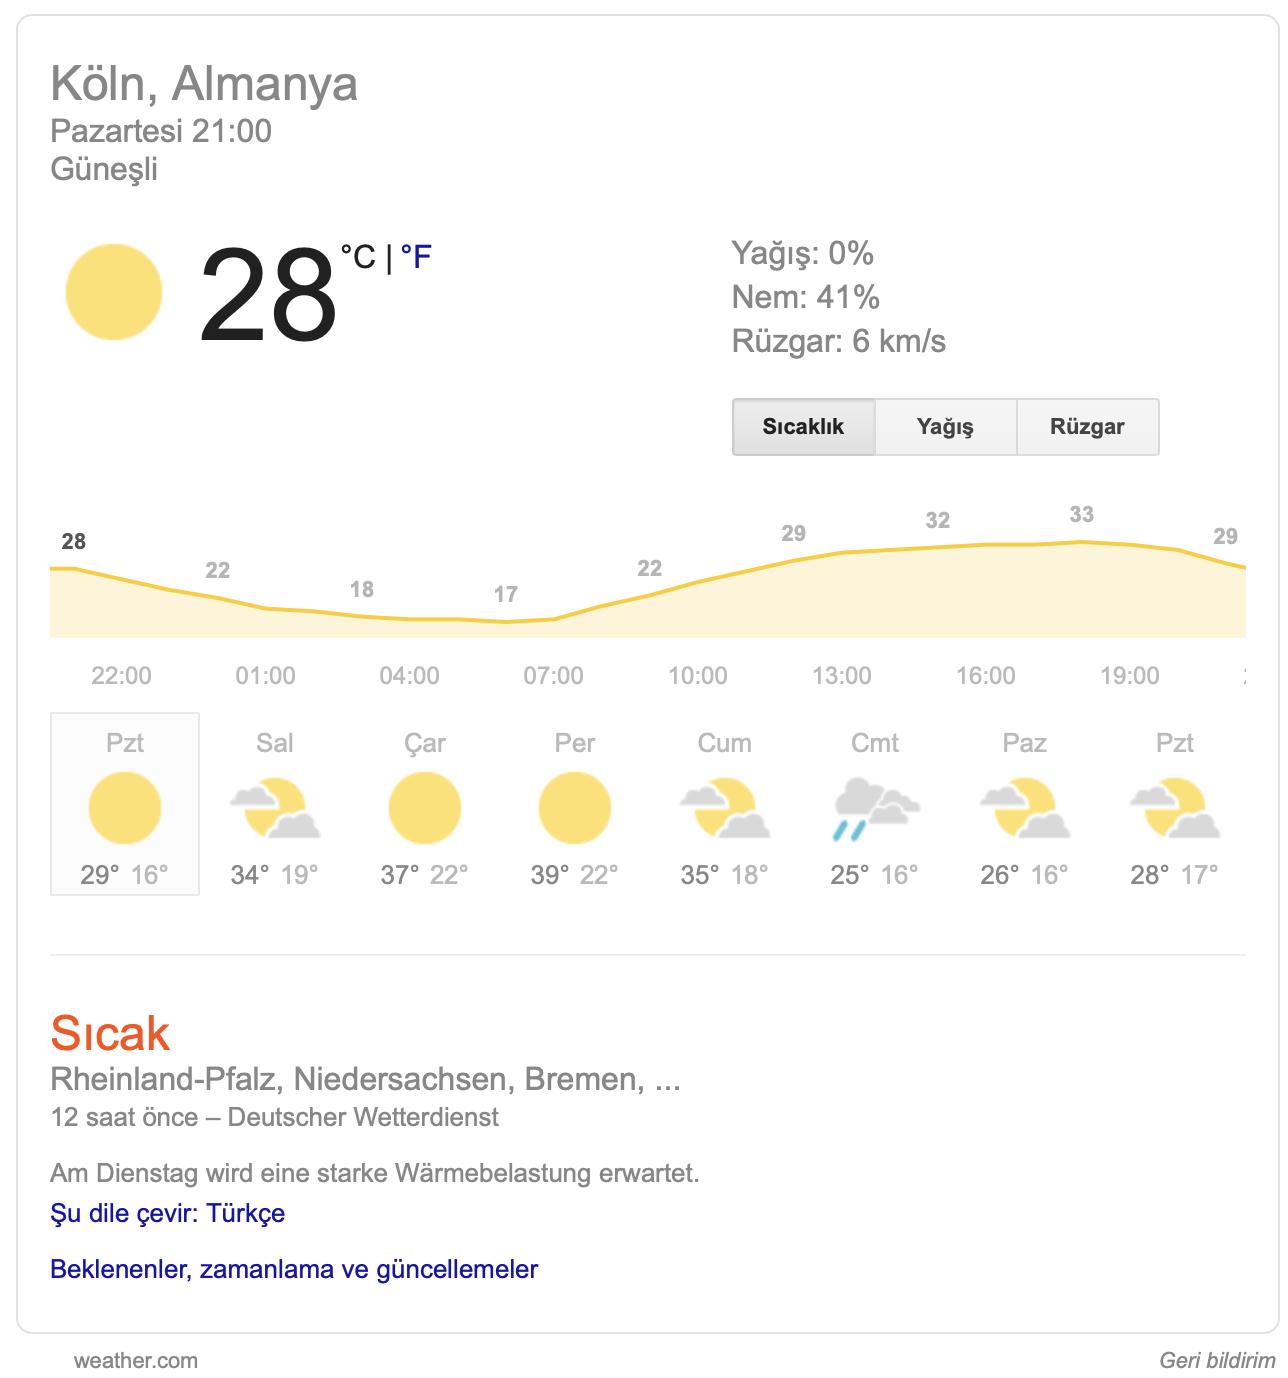 Köln Hava Durumu